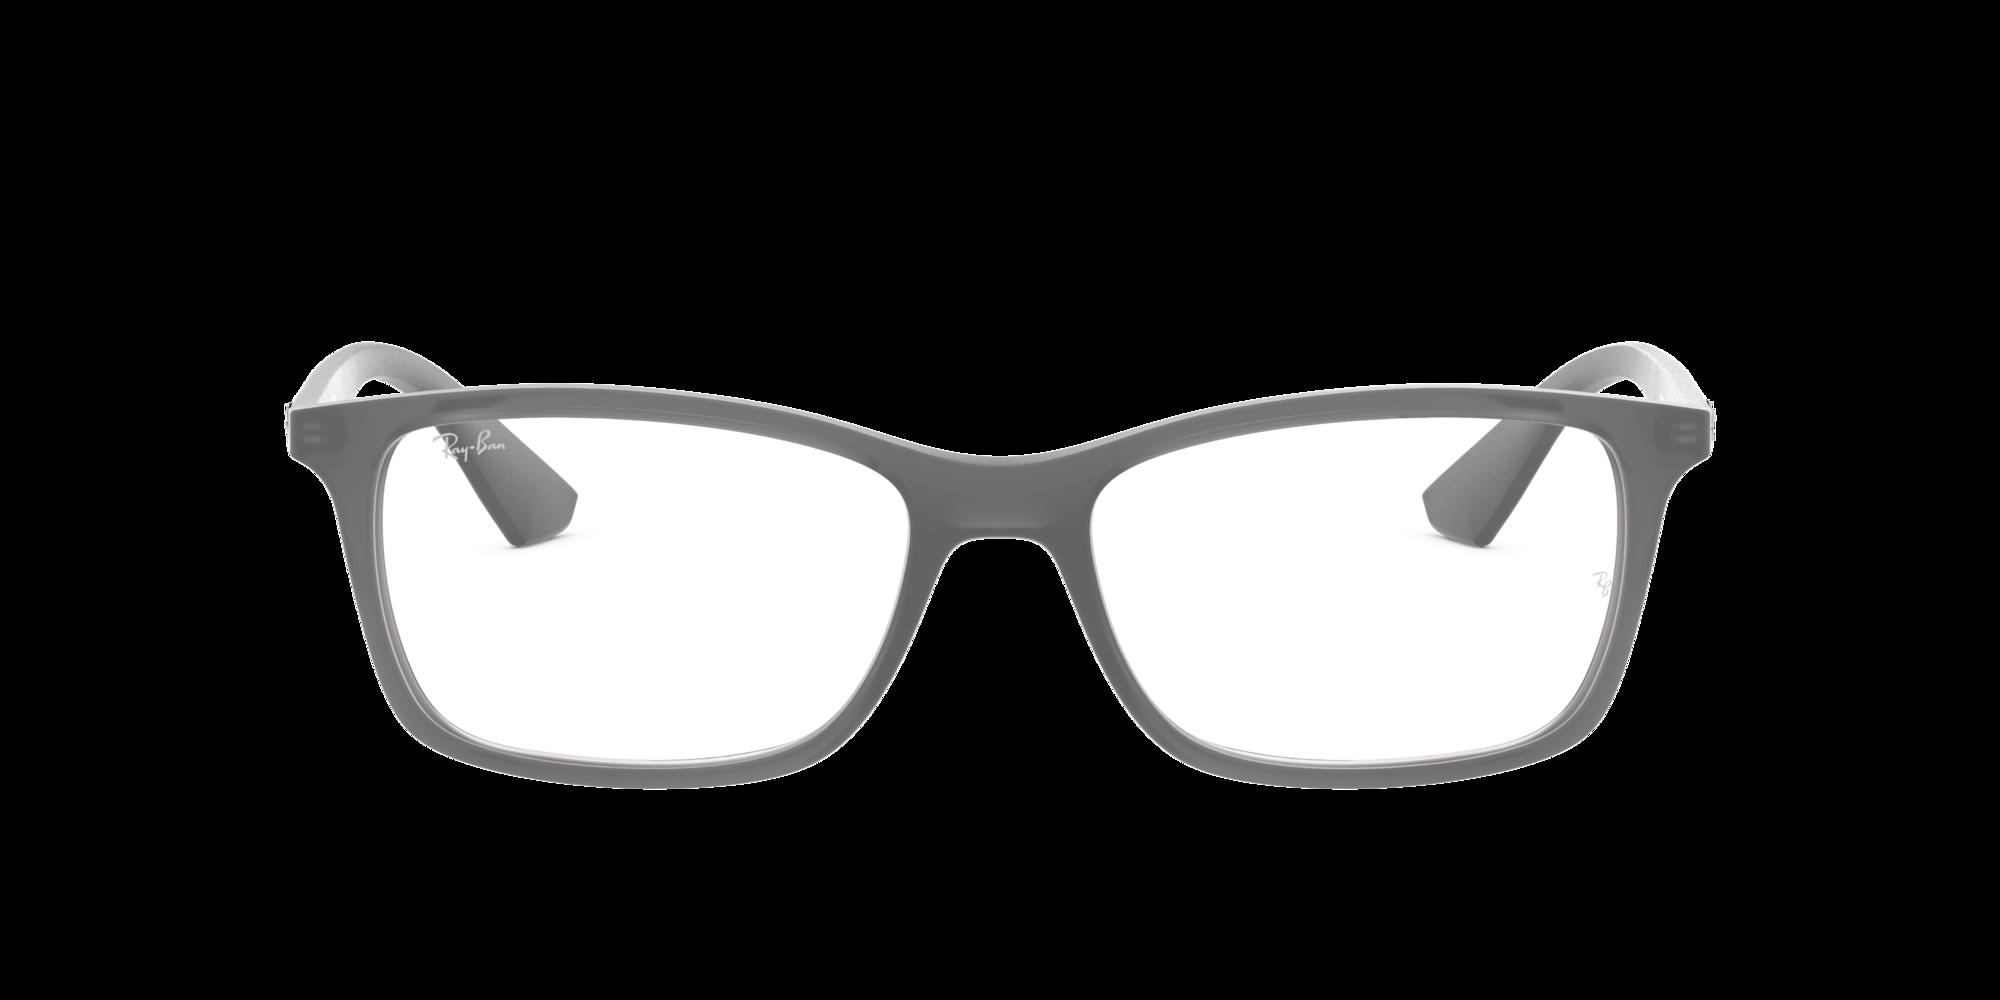 Imagen para RX7047 de LensCrafters    Espejuelos, espejuelos graduados en línea, gafas